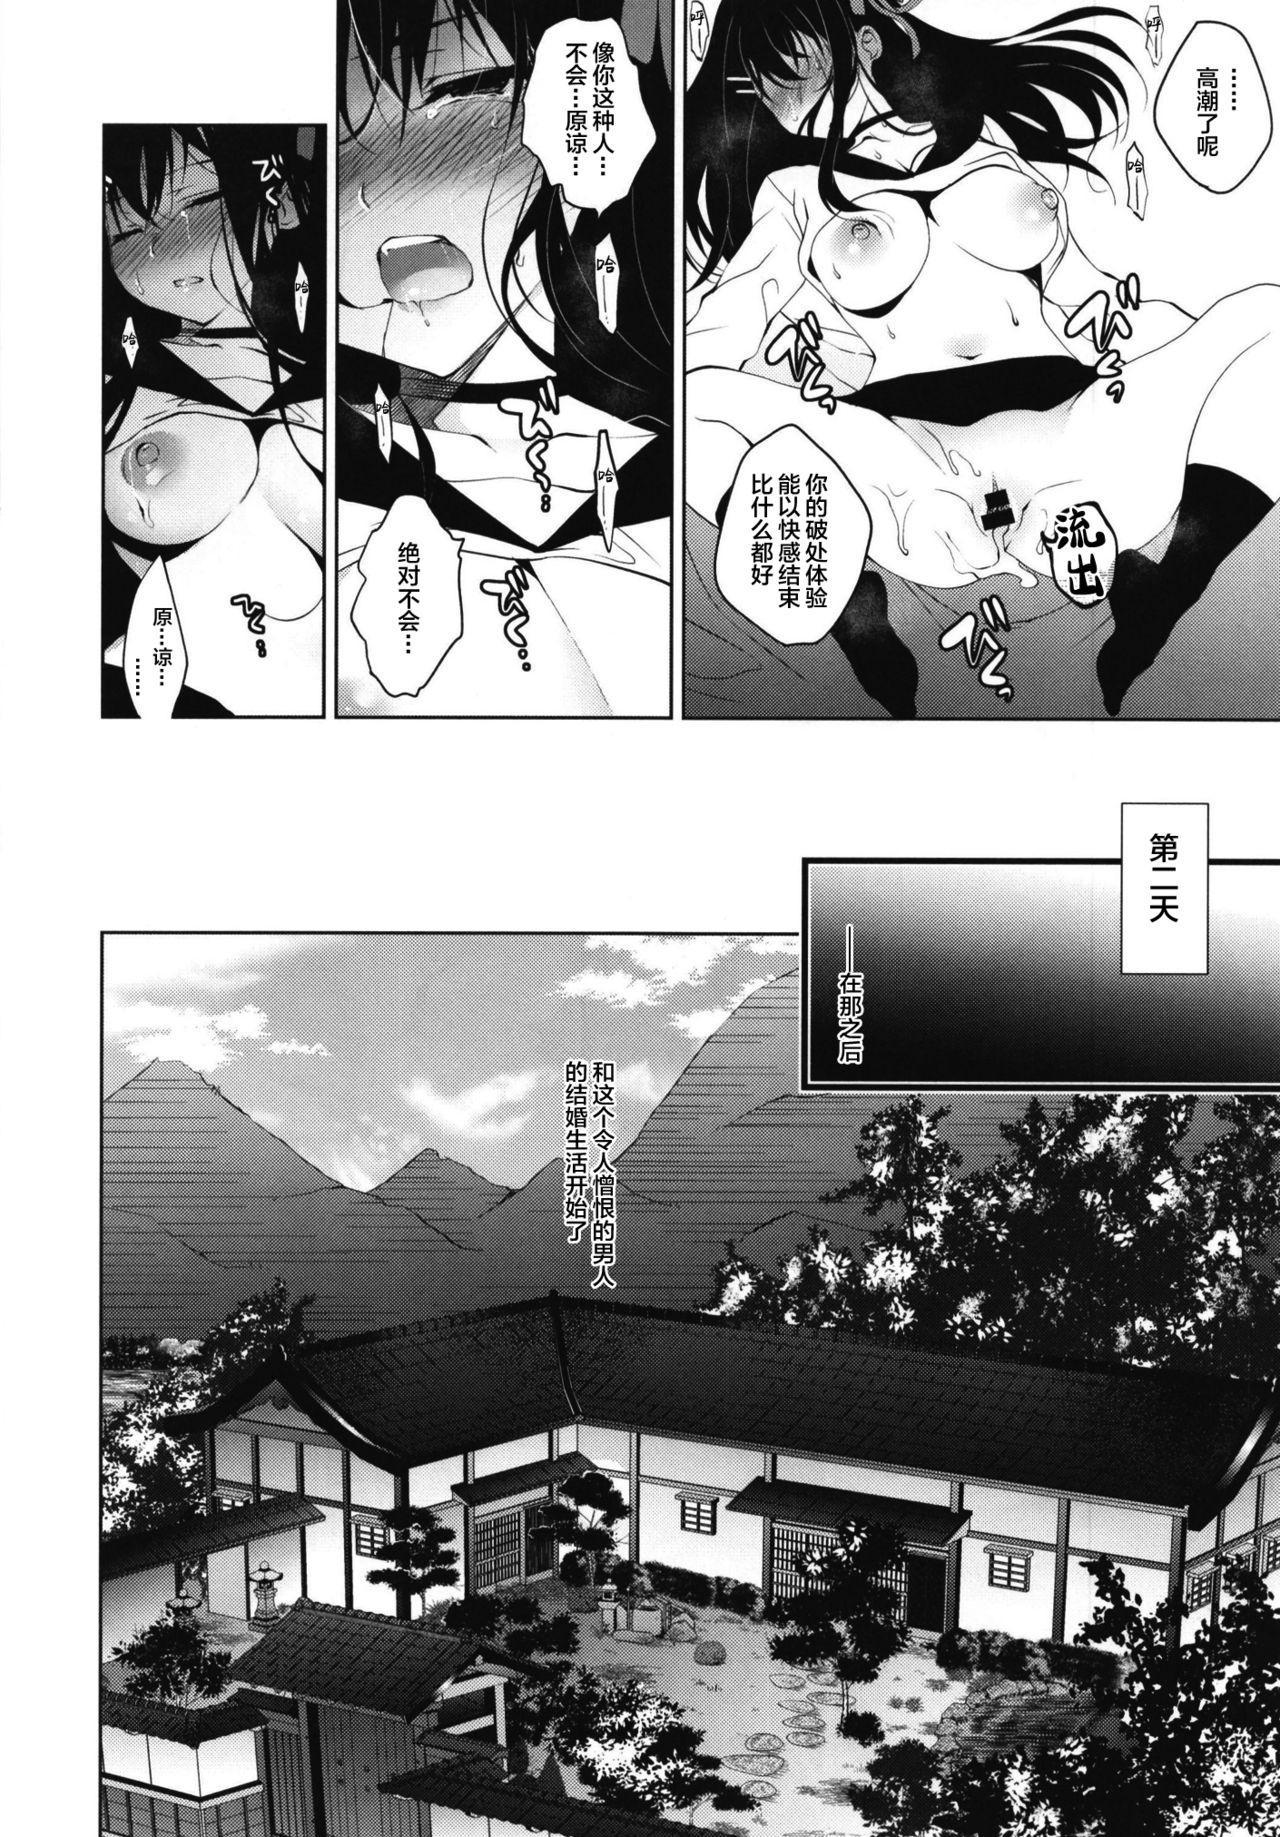 Hanayome Seifuku 14